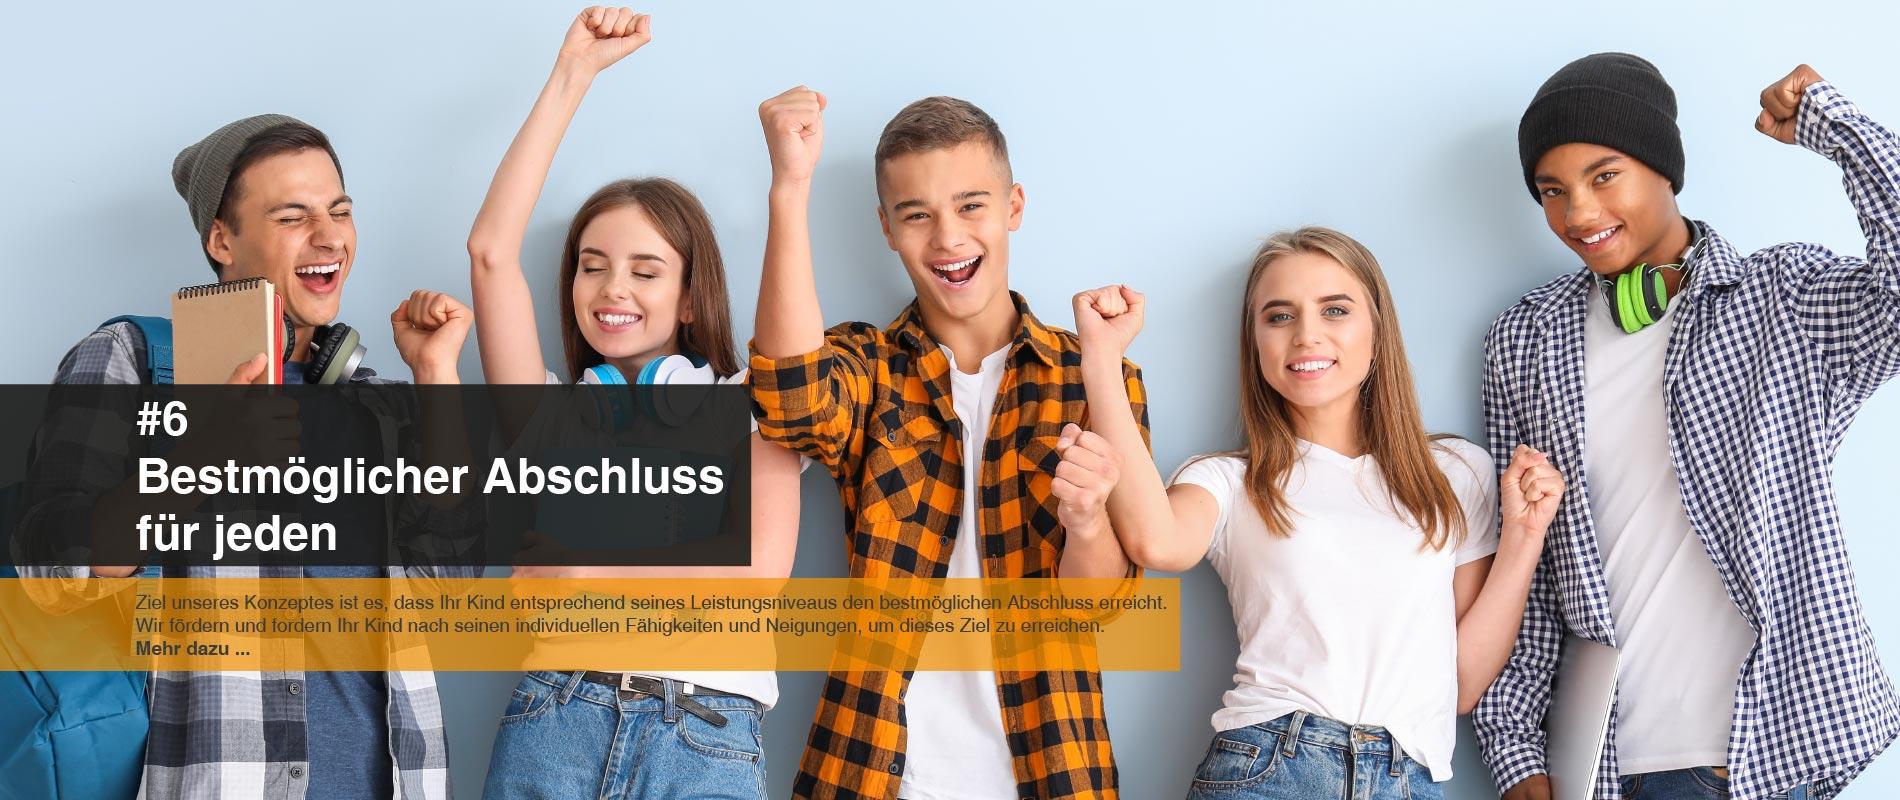 Gesamtschule Woltersdorf der FAWZ gGmbH_#6 Bestmöglicher Abschluss fuer jeden